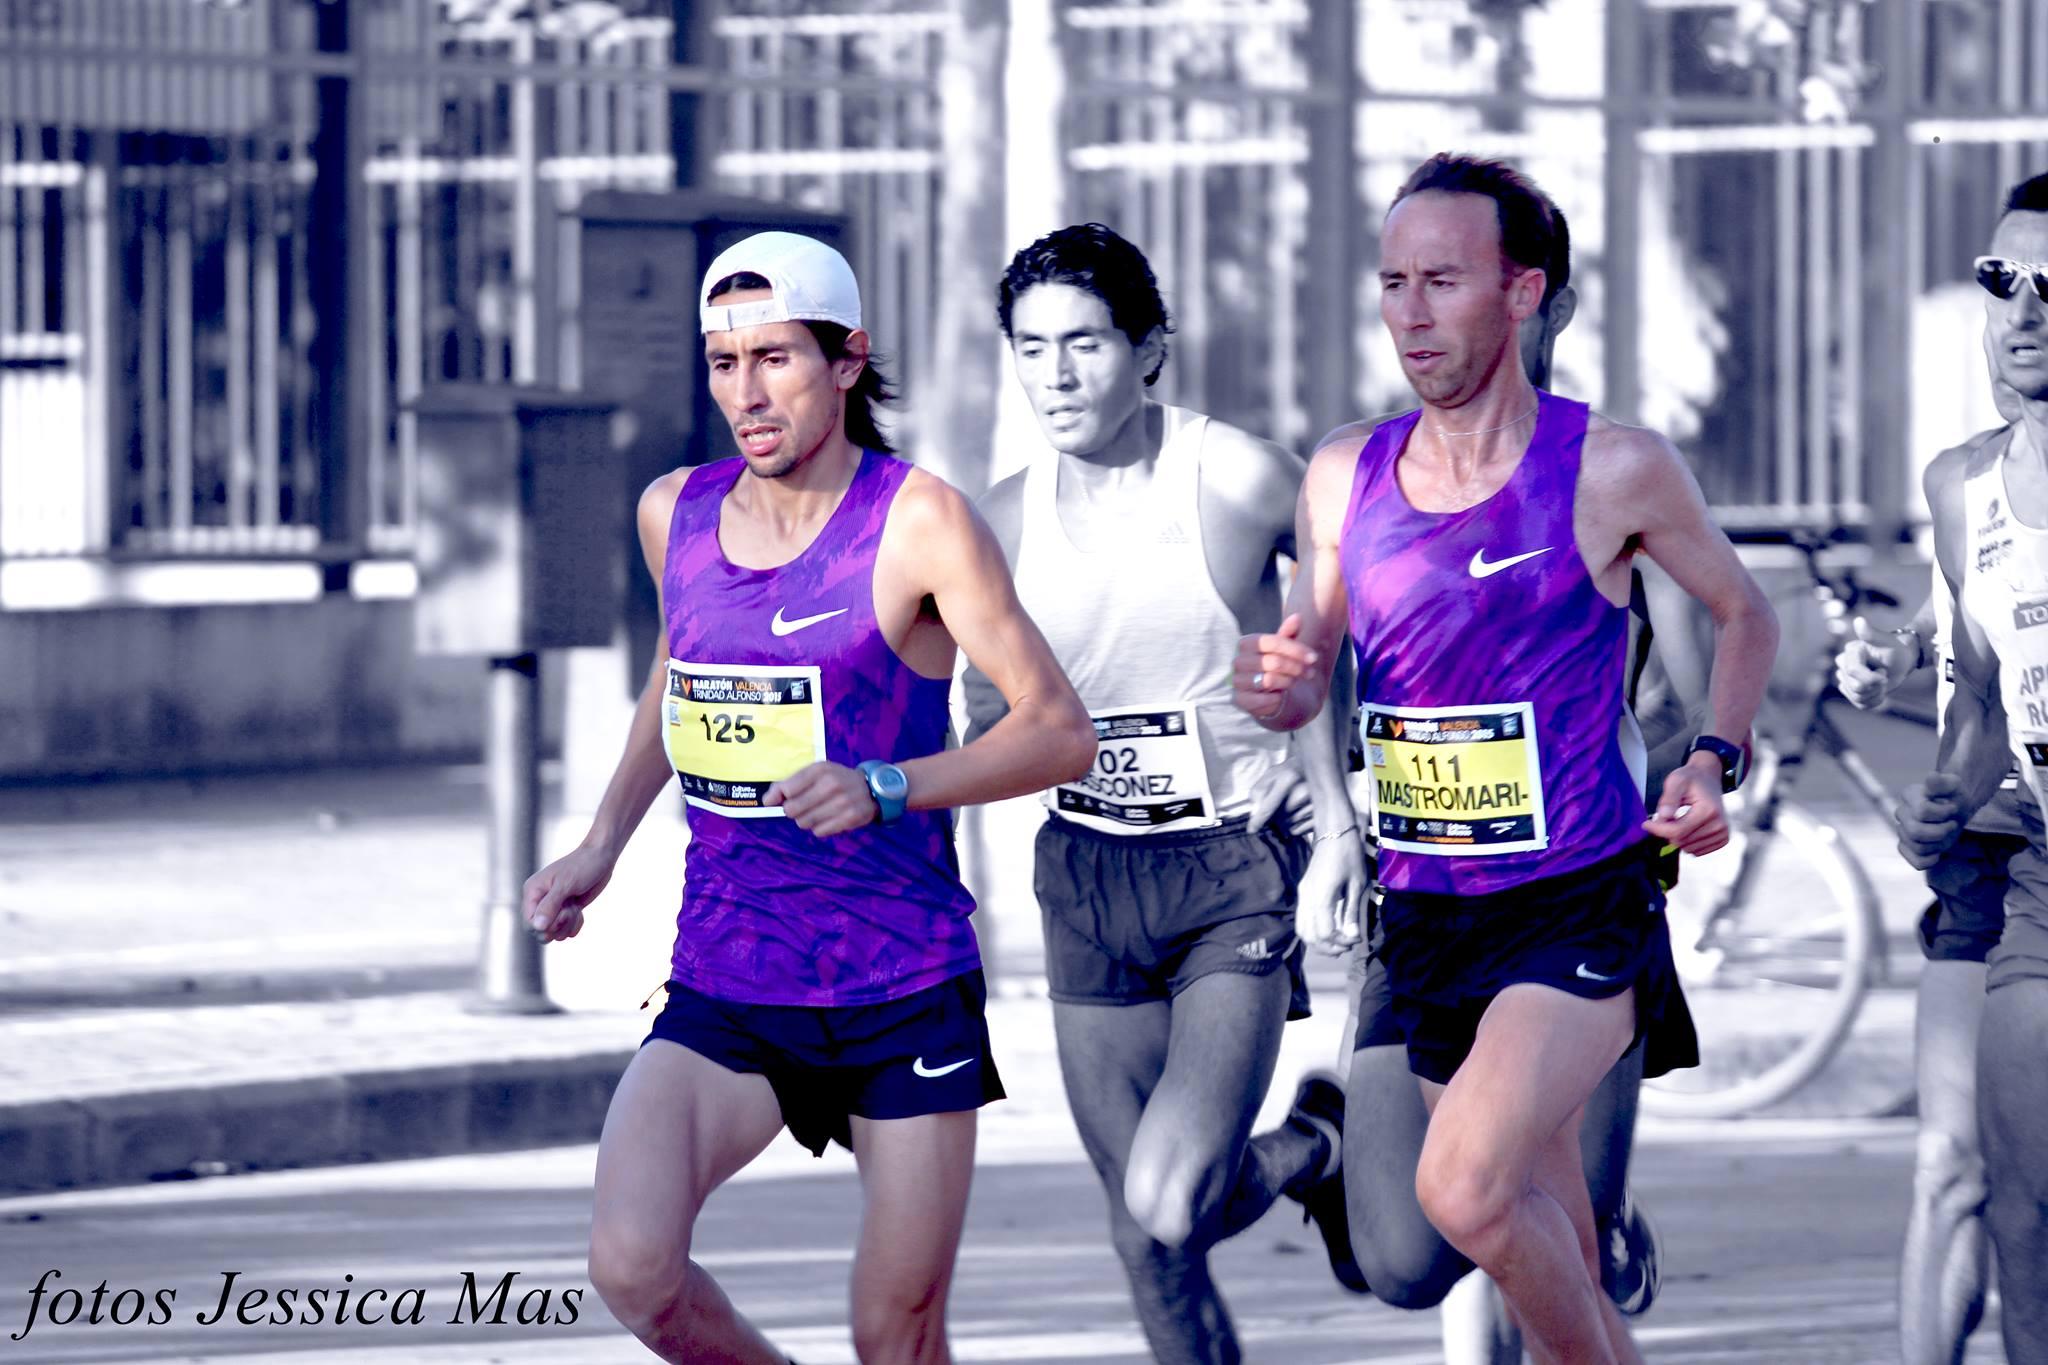 Miguel Barzola Mariano Mastromarino Valencia Locos Por Correr 01